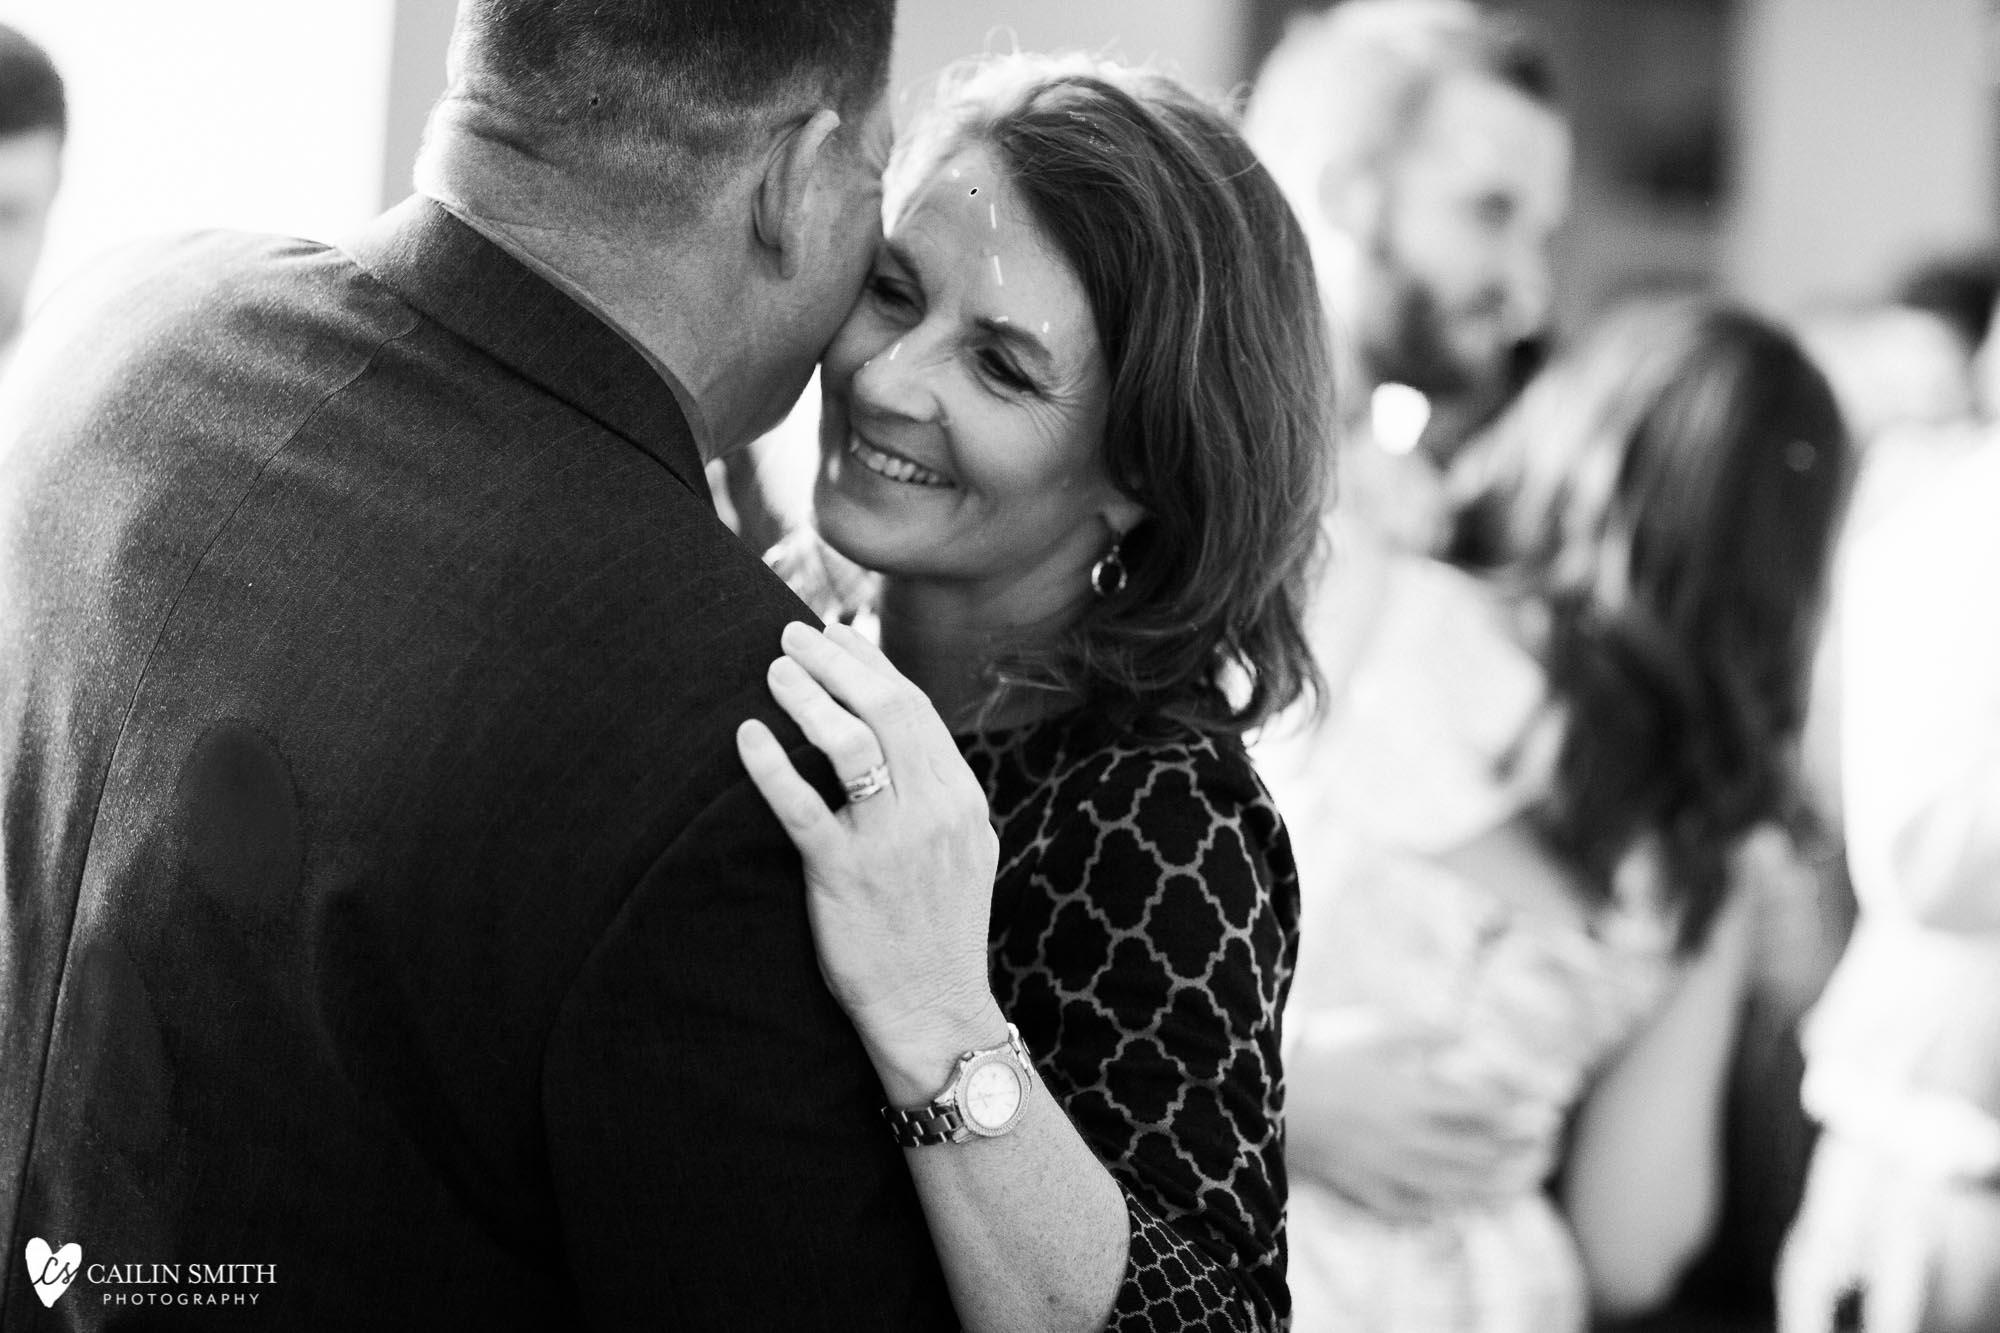 Leah_Major_St_Marys_Wedding_Photography_120.jpg